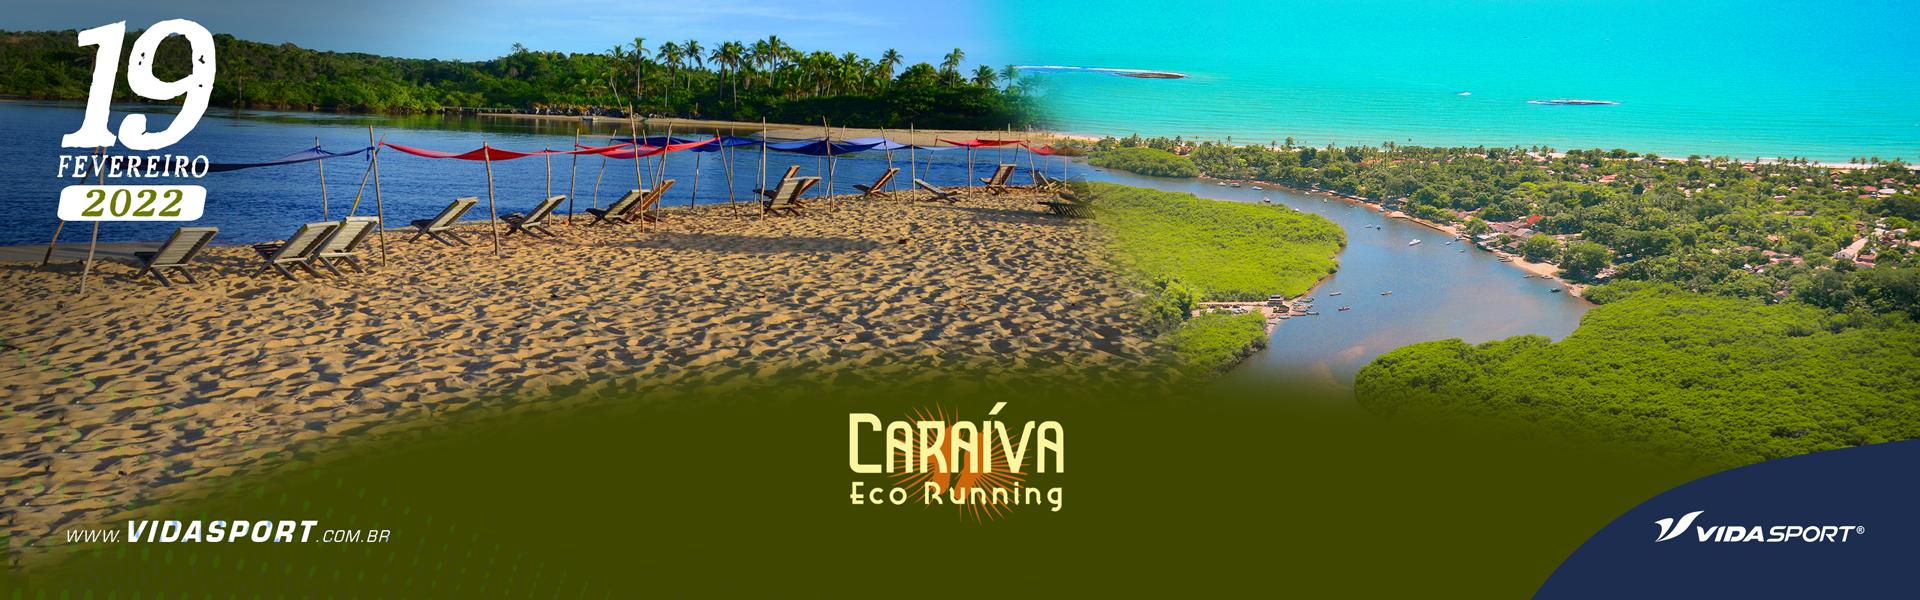 Caraíva Eco Running